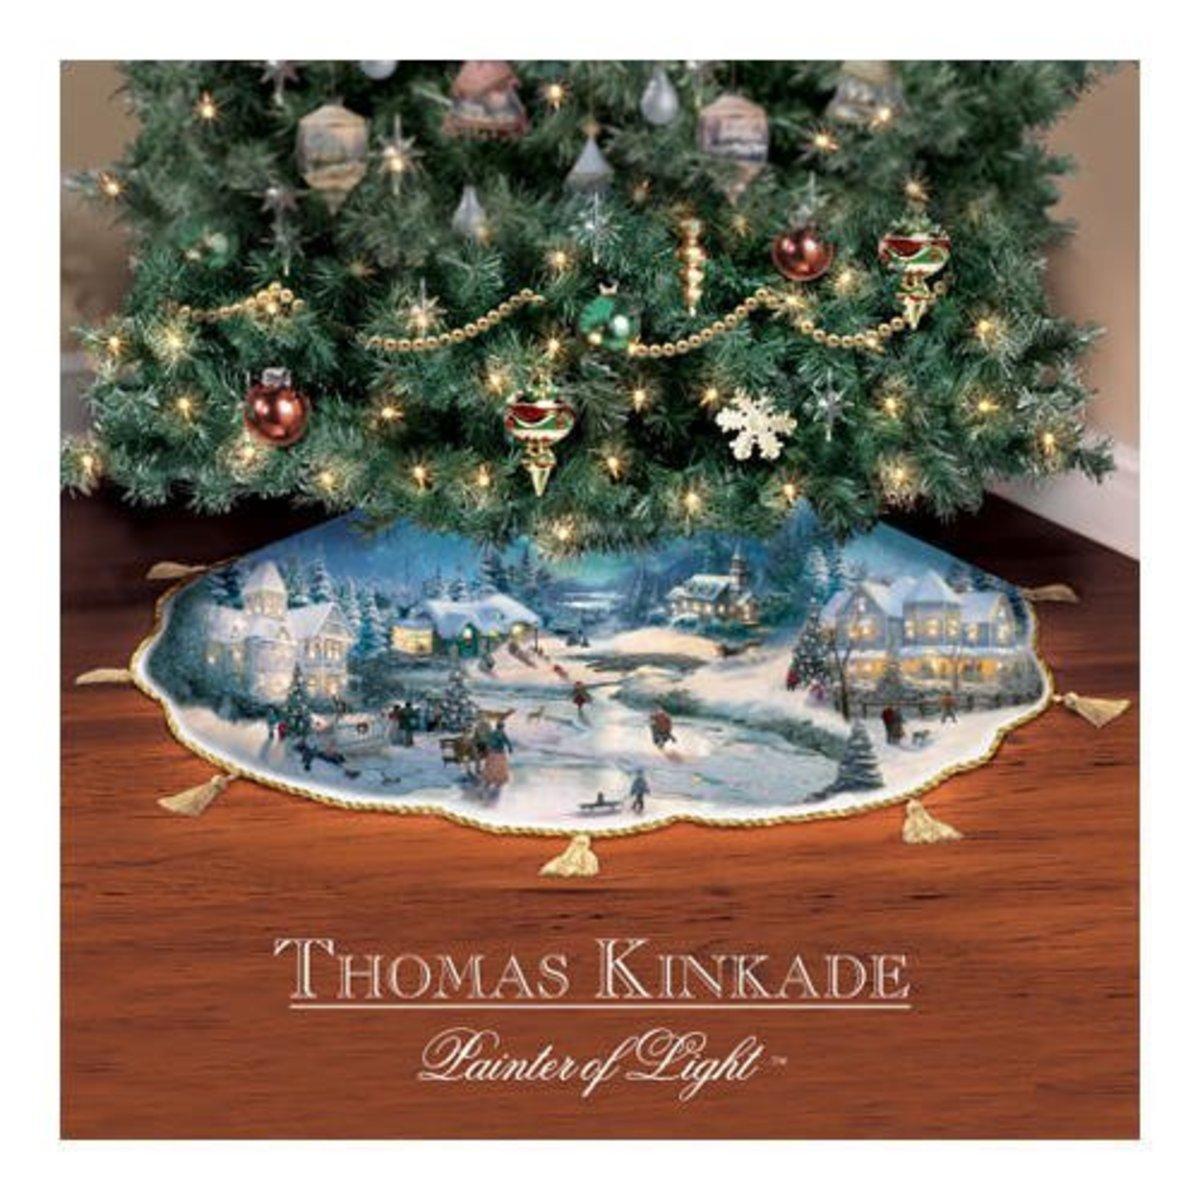 Thomas Kinkade Christmas Tree Skirt